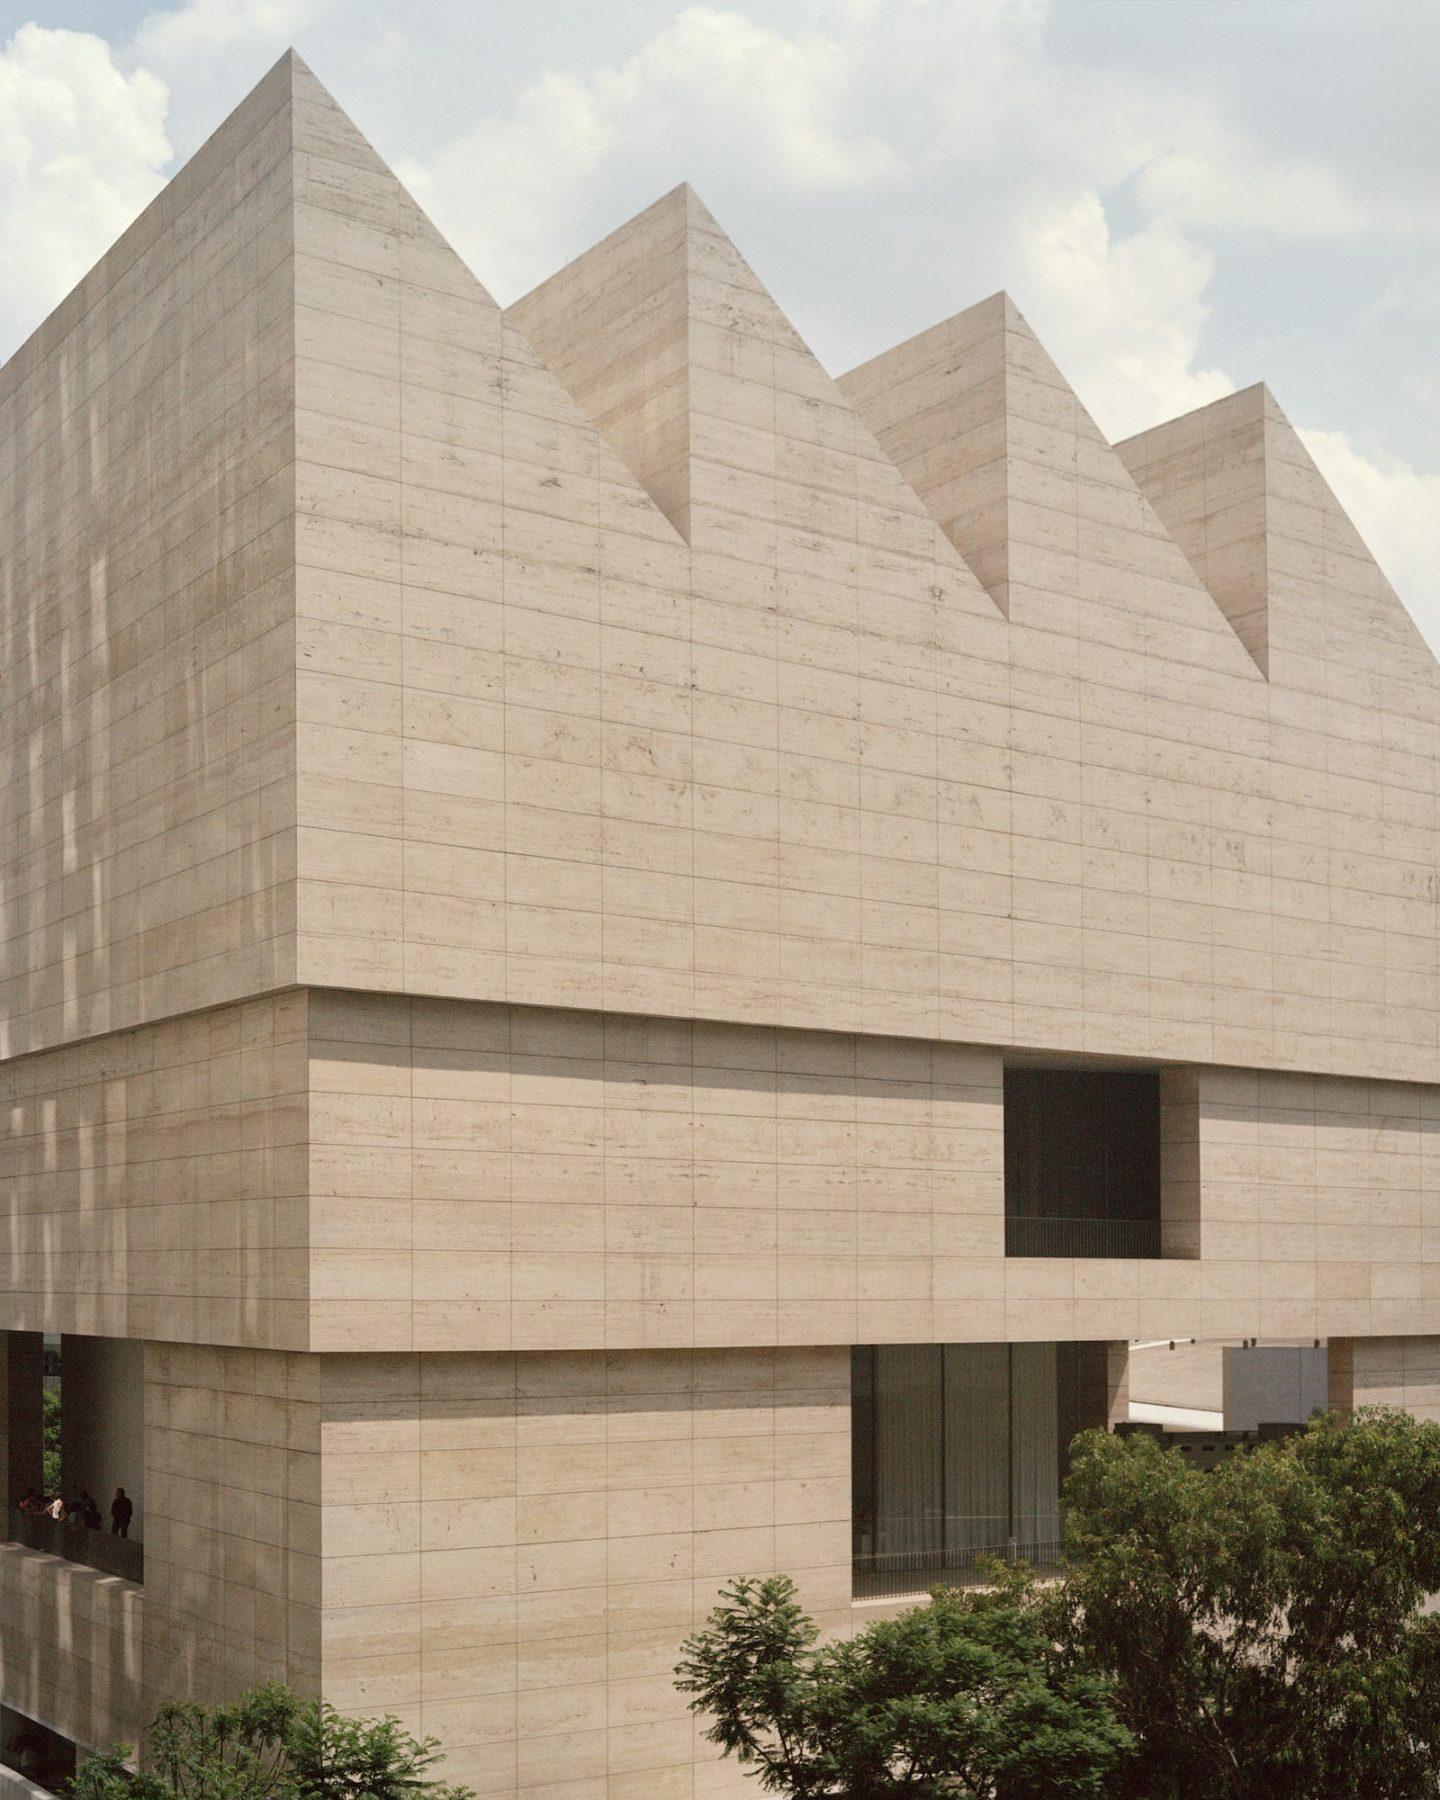 IGNANT-Travel-Museo-Jumex-Rory-Gardiner-03